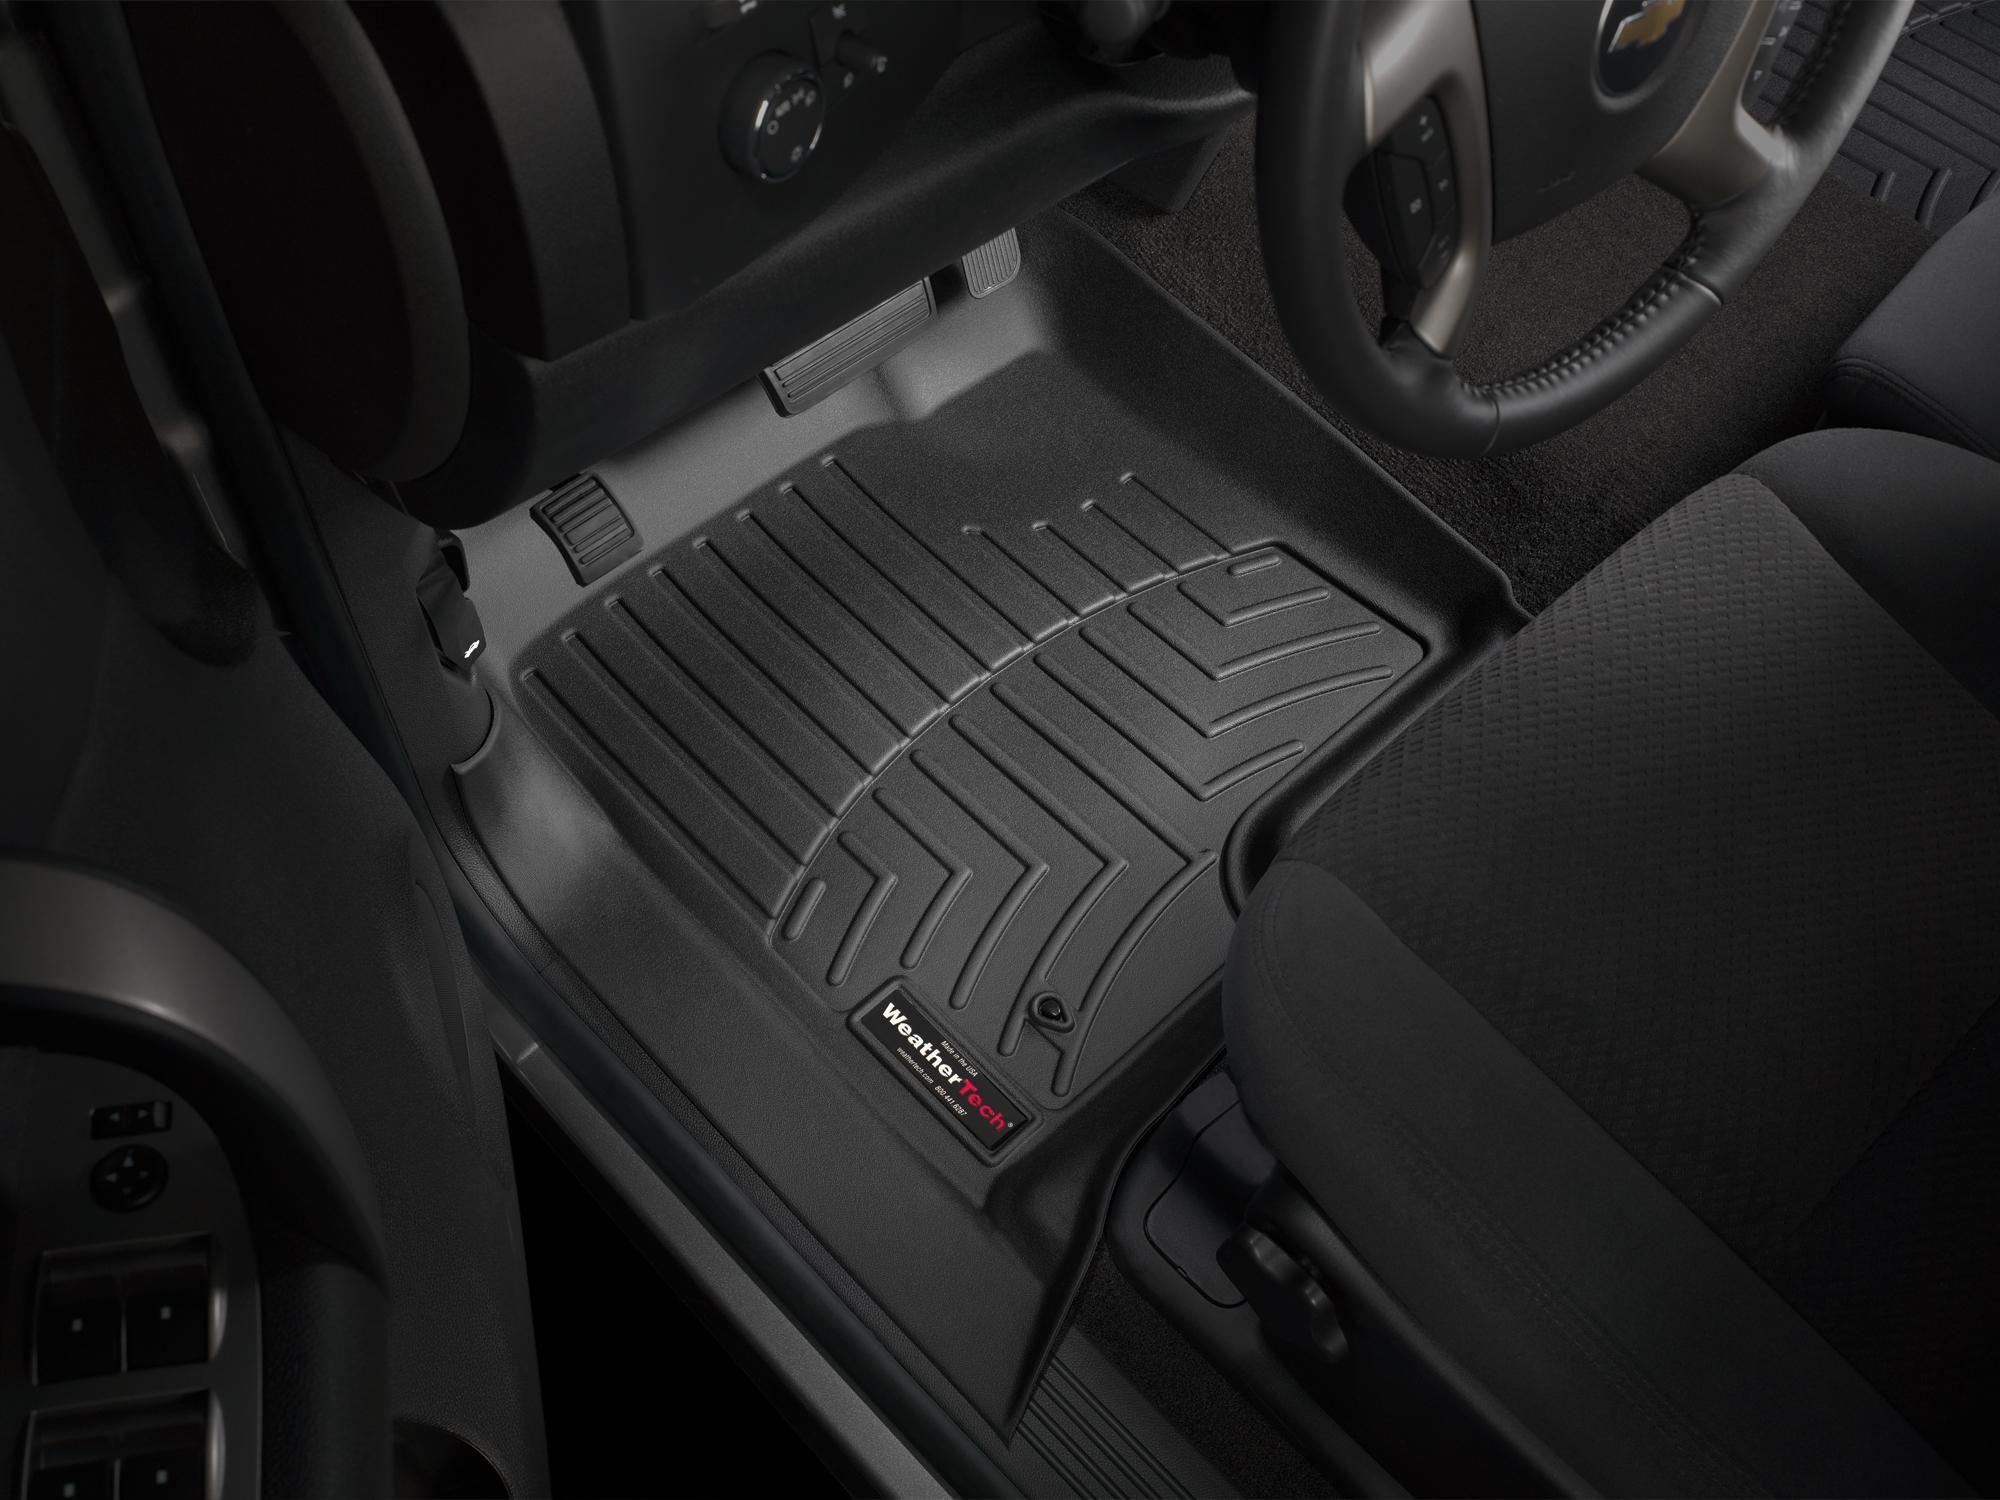 Tappeti gomma su misura bordo alto Chevrolet Silverado 07>07 Nero A167